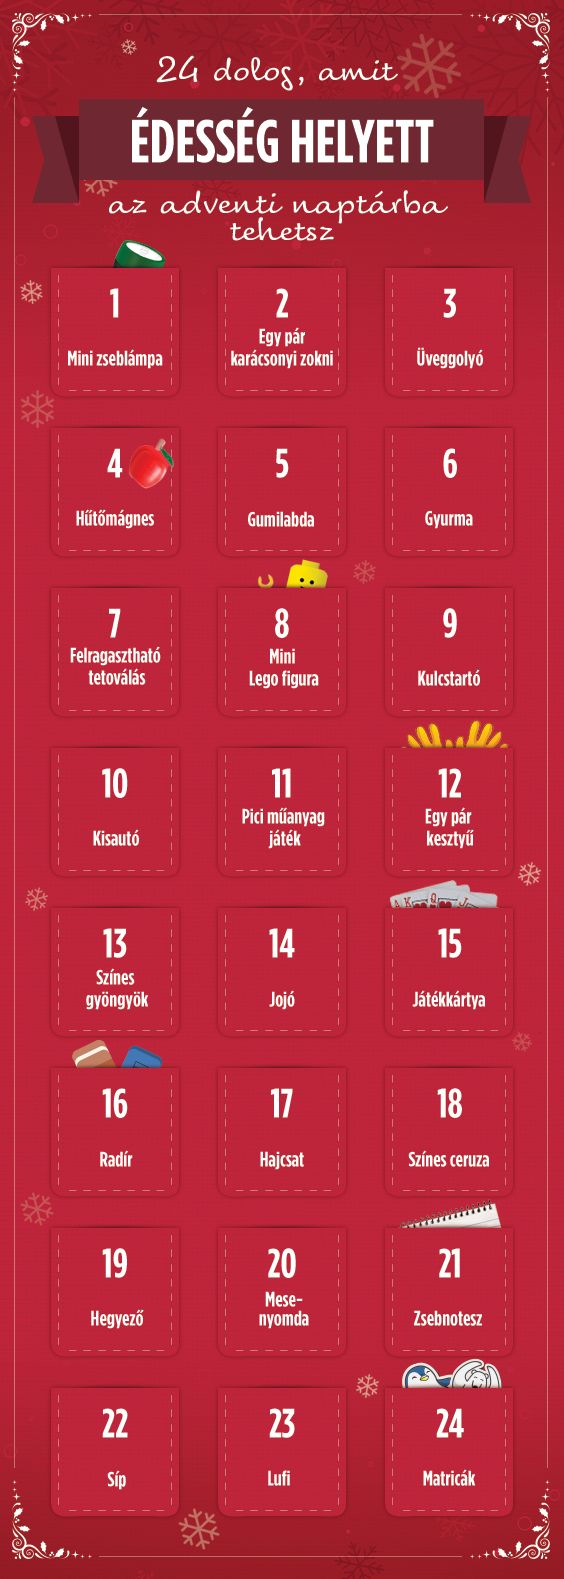 Az Adventi naptárat egycsapásra egy izgalmas kalanddá változtathatod, ha édességek helyett mást csempészel bele ;) #advent #karacsony #tesco #tescomagyarorszag